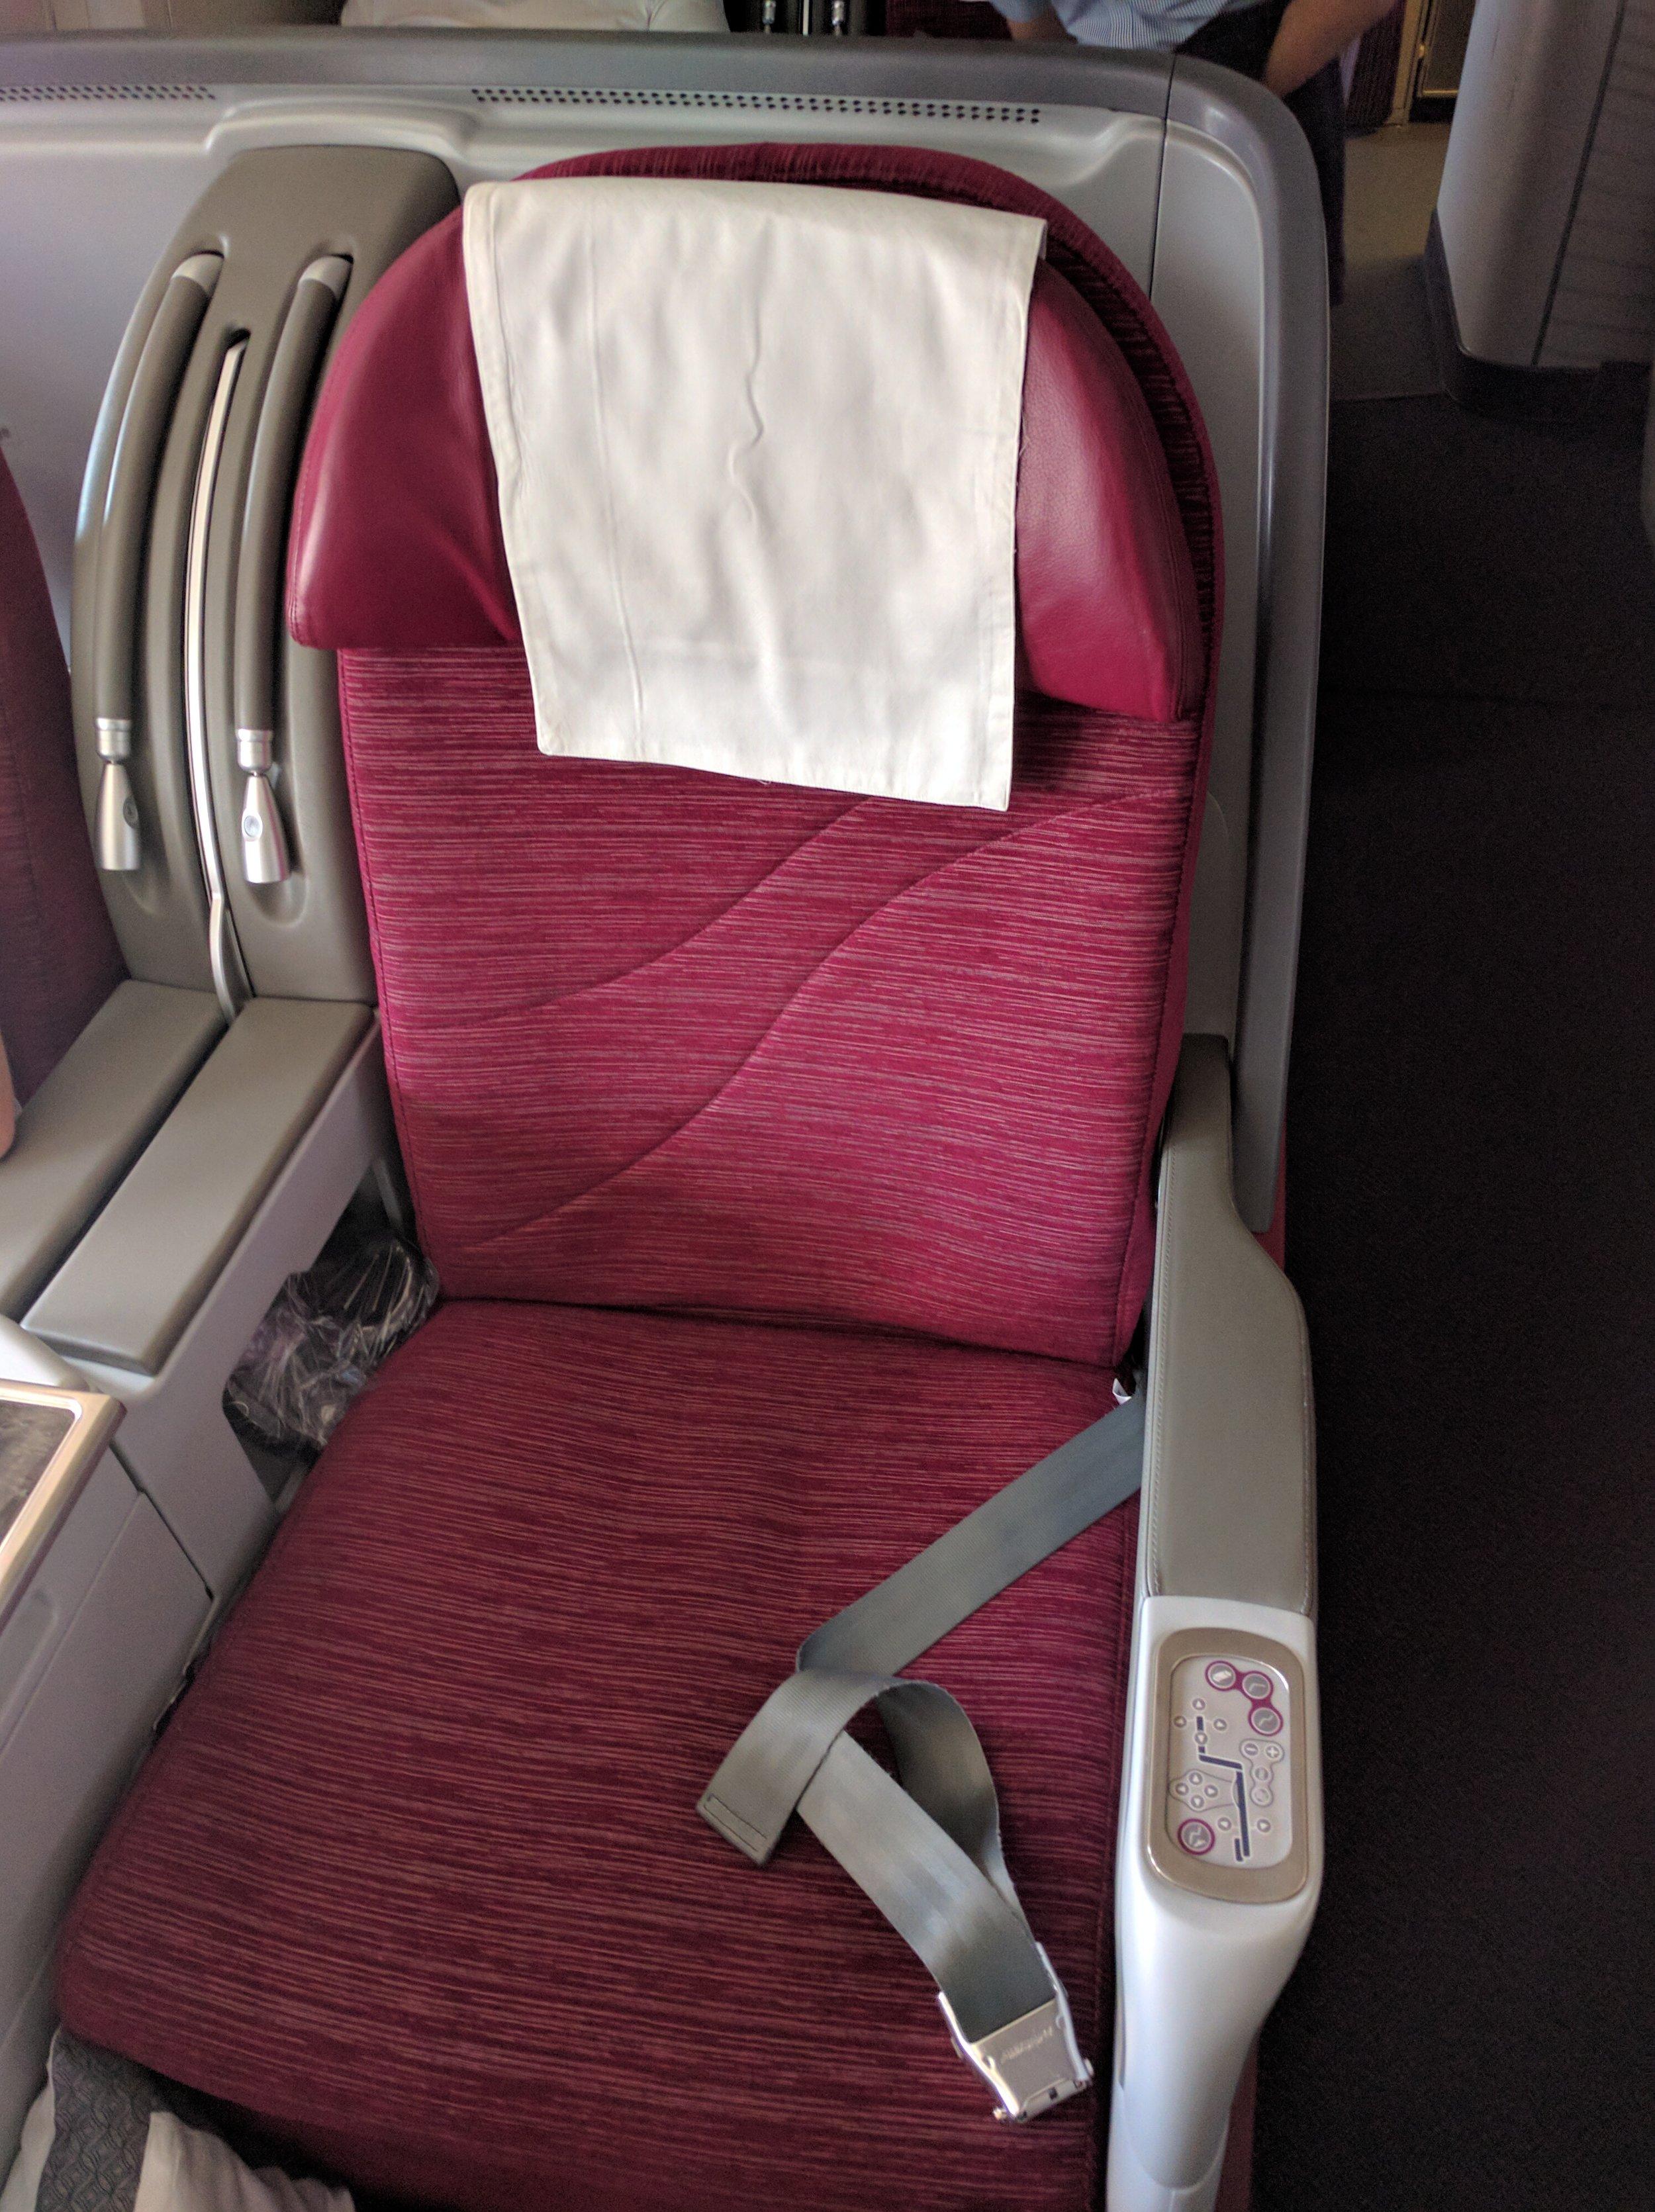 Qatar 777-300ER Business Class Seat